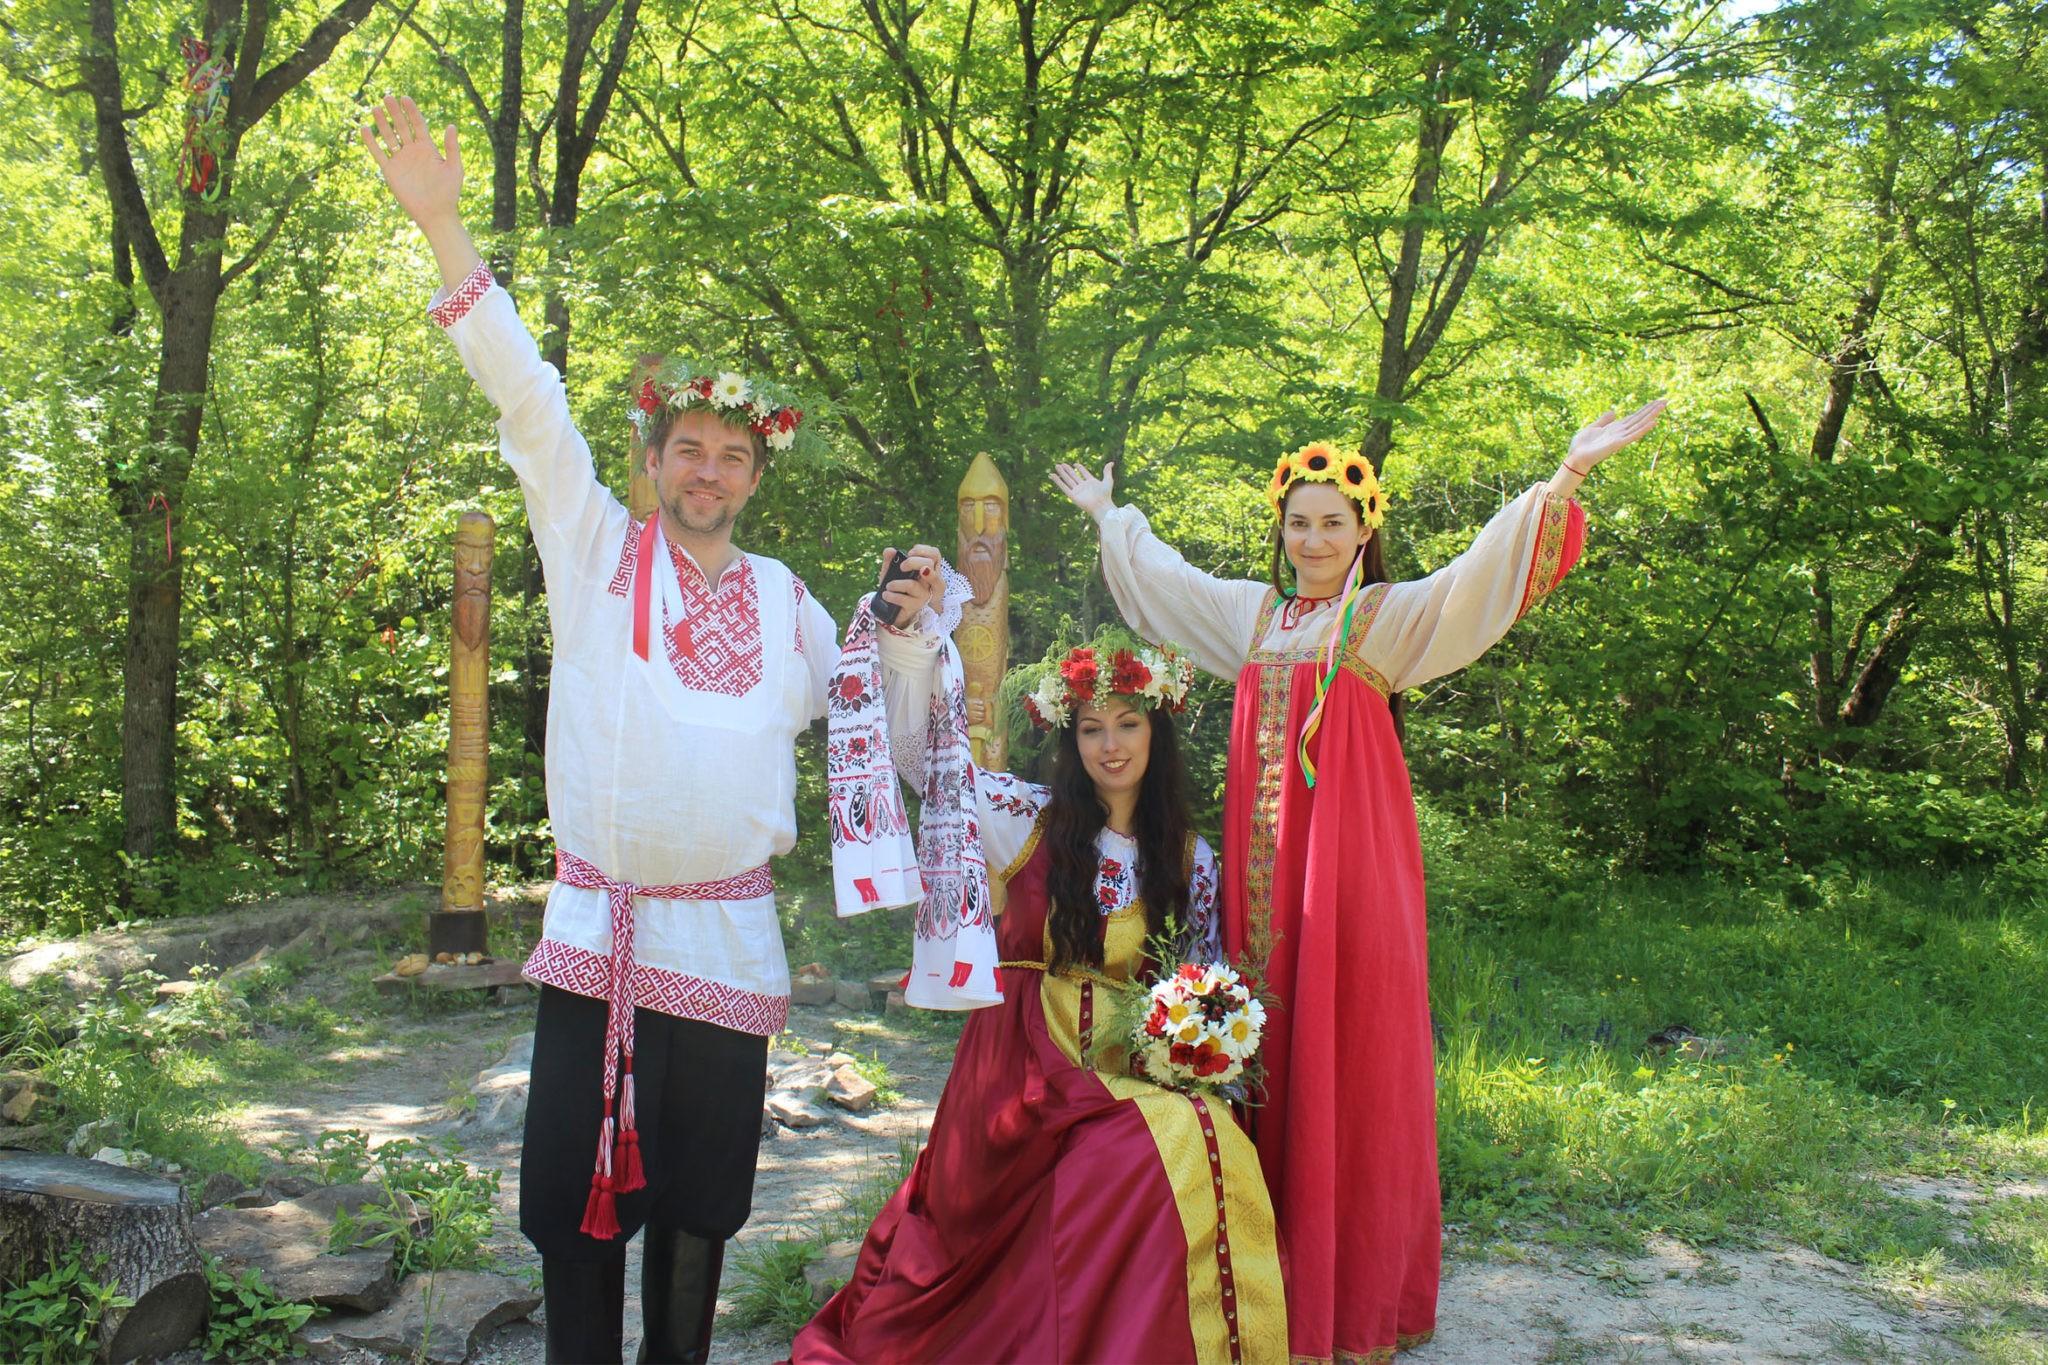 славянские костюмы